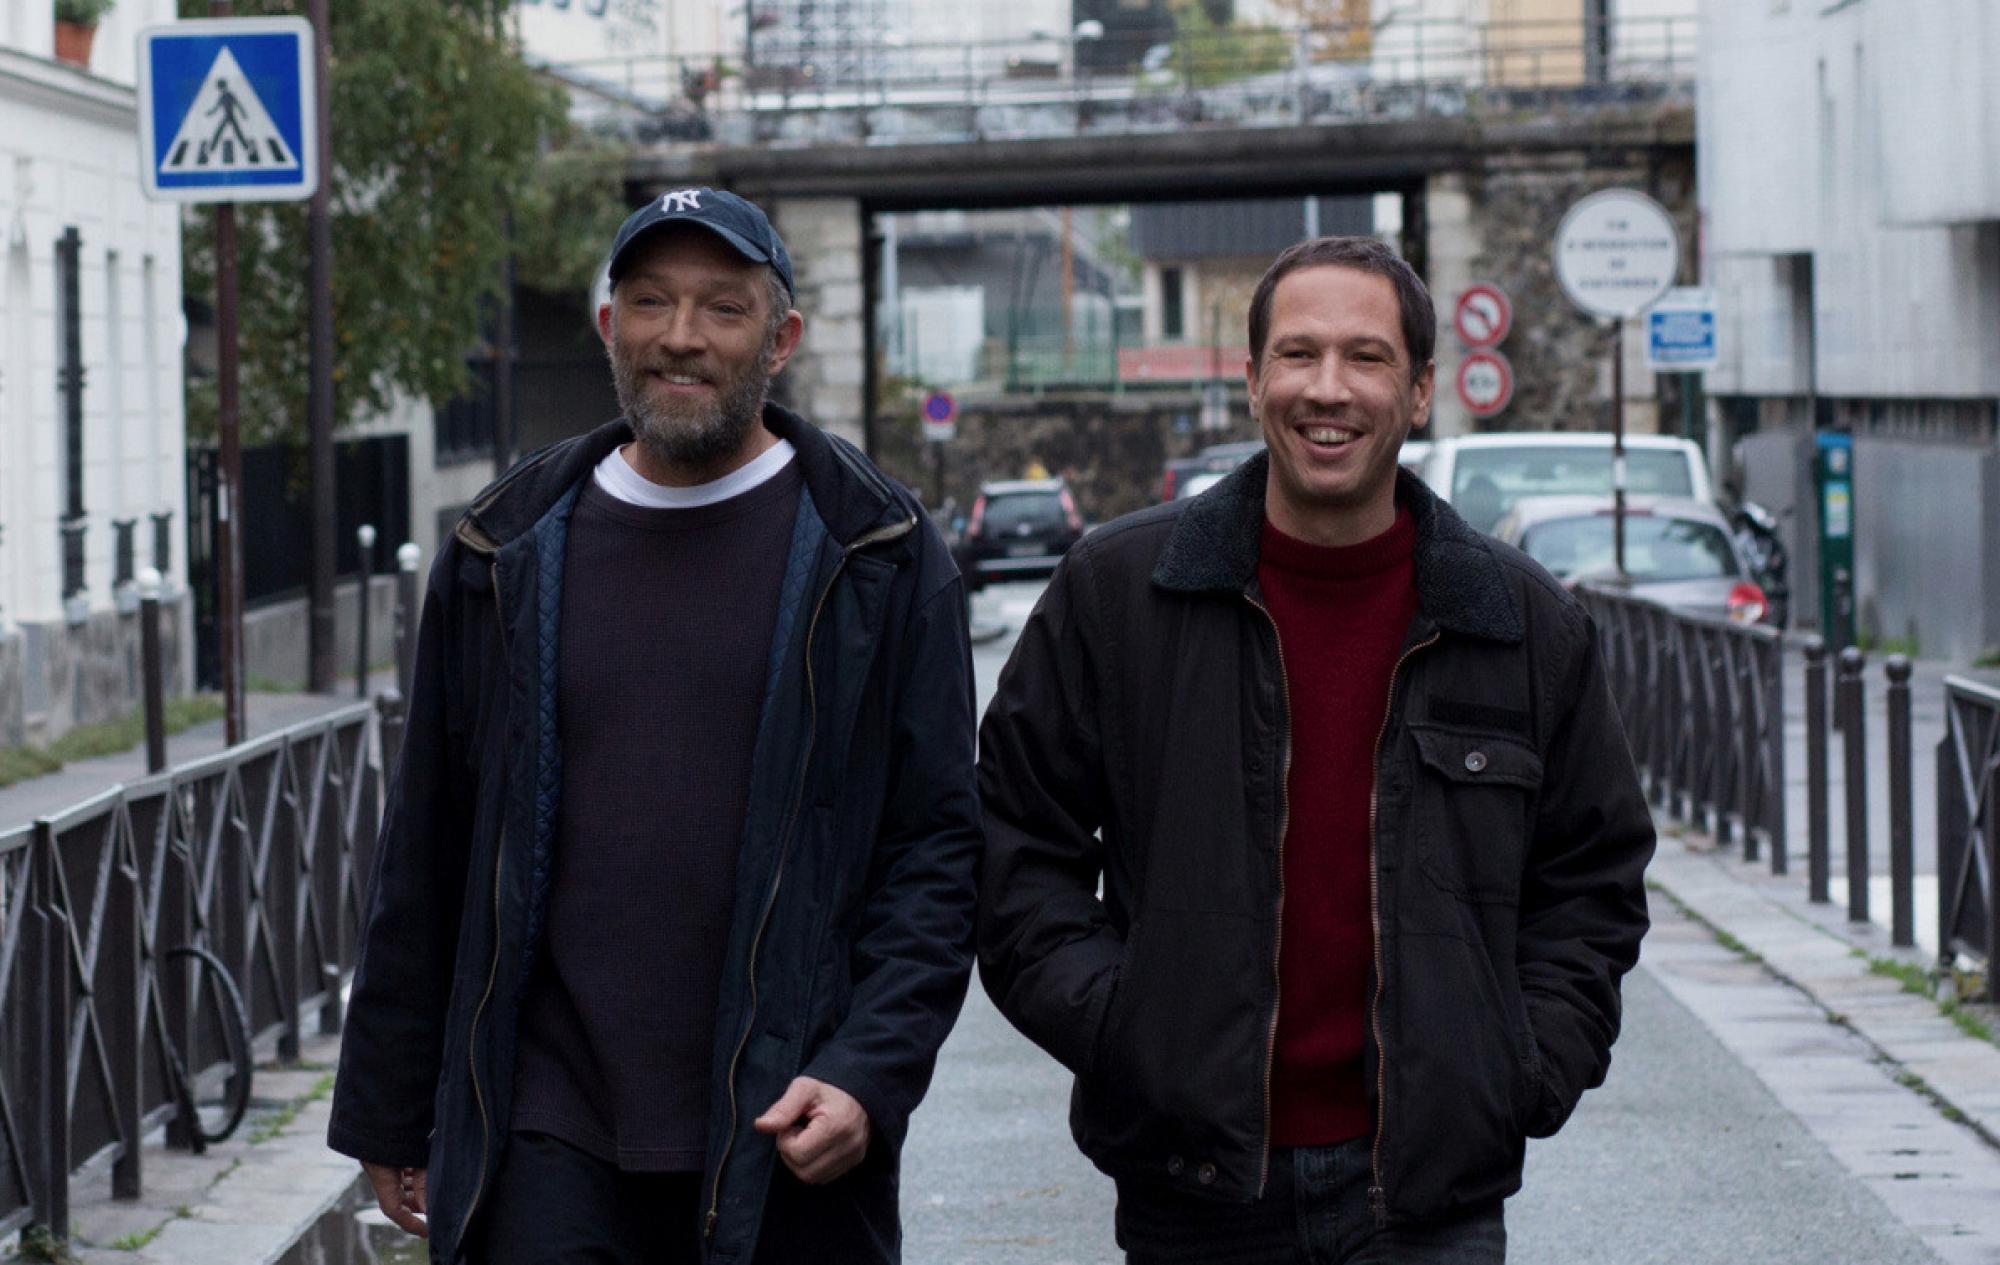 Венсан Кассель представит комедию «Особенные» в Москве за 1,5 месяца до проката